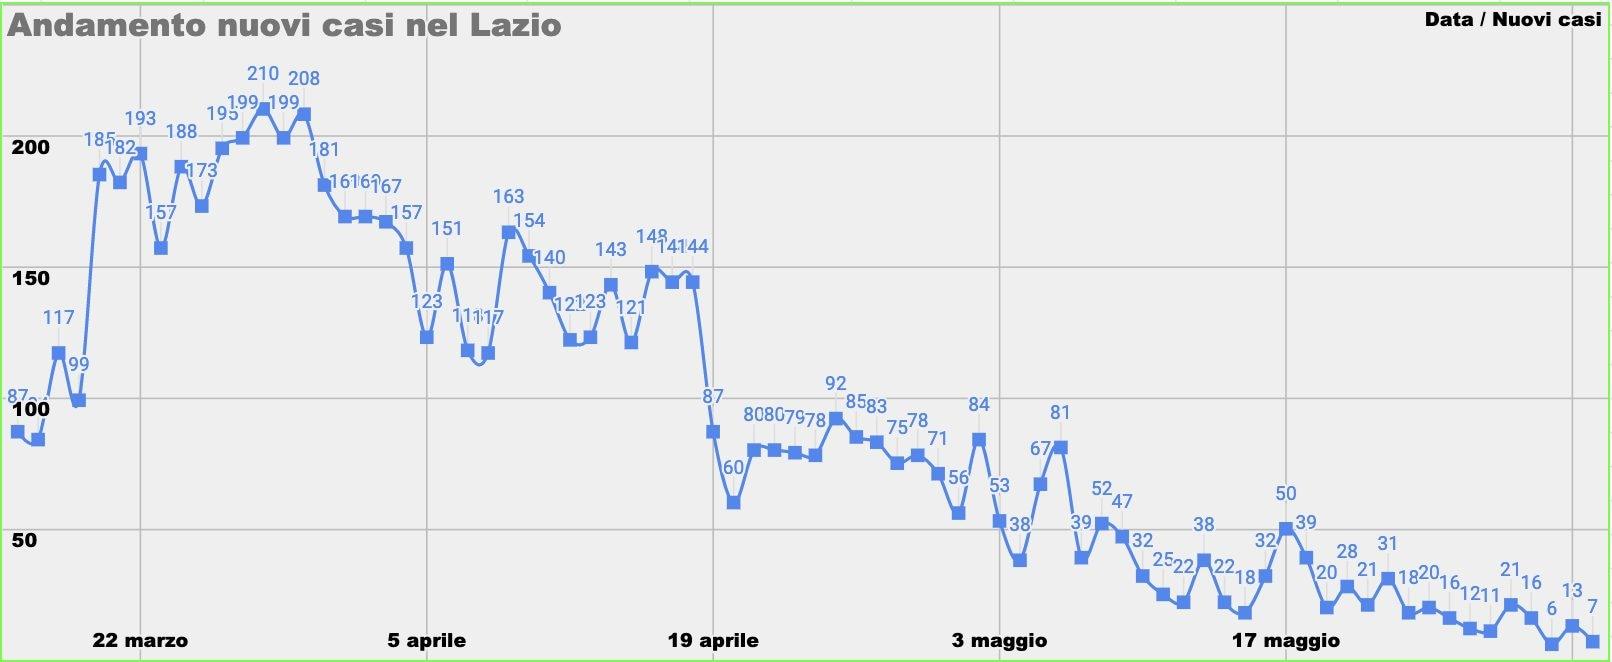 L'andanmento dei nuovi casi nel Lazio